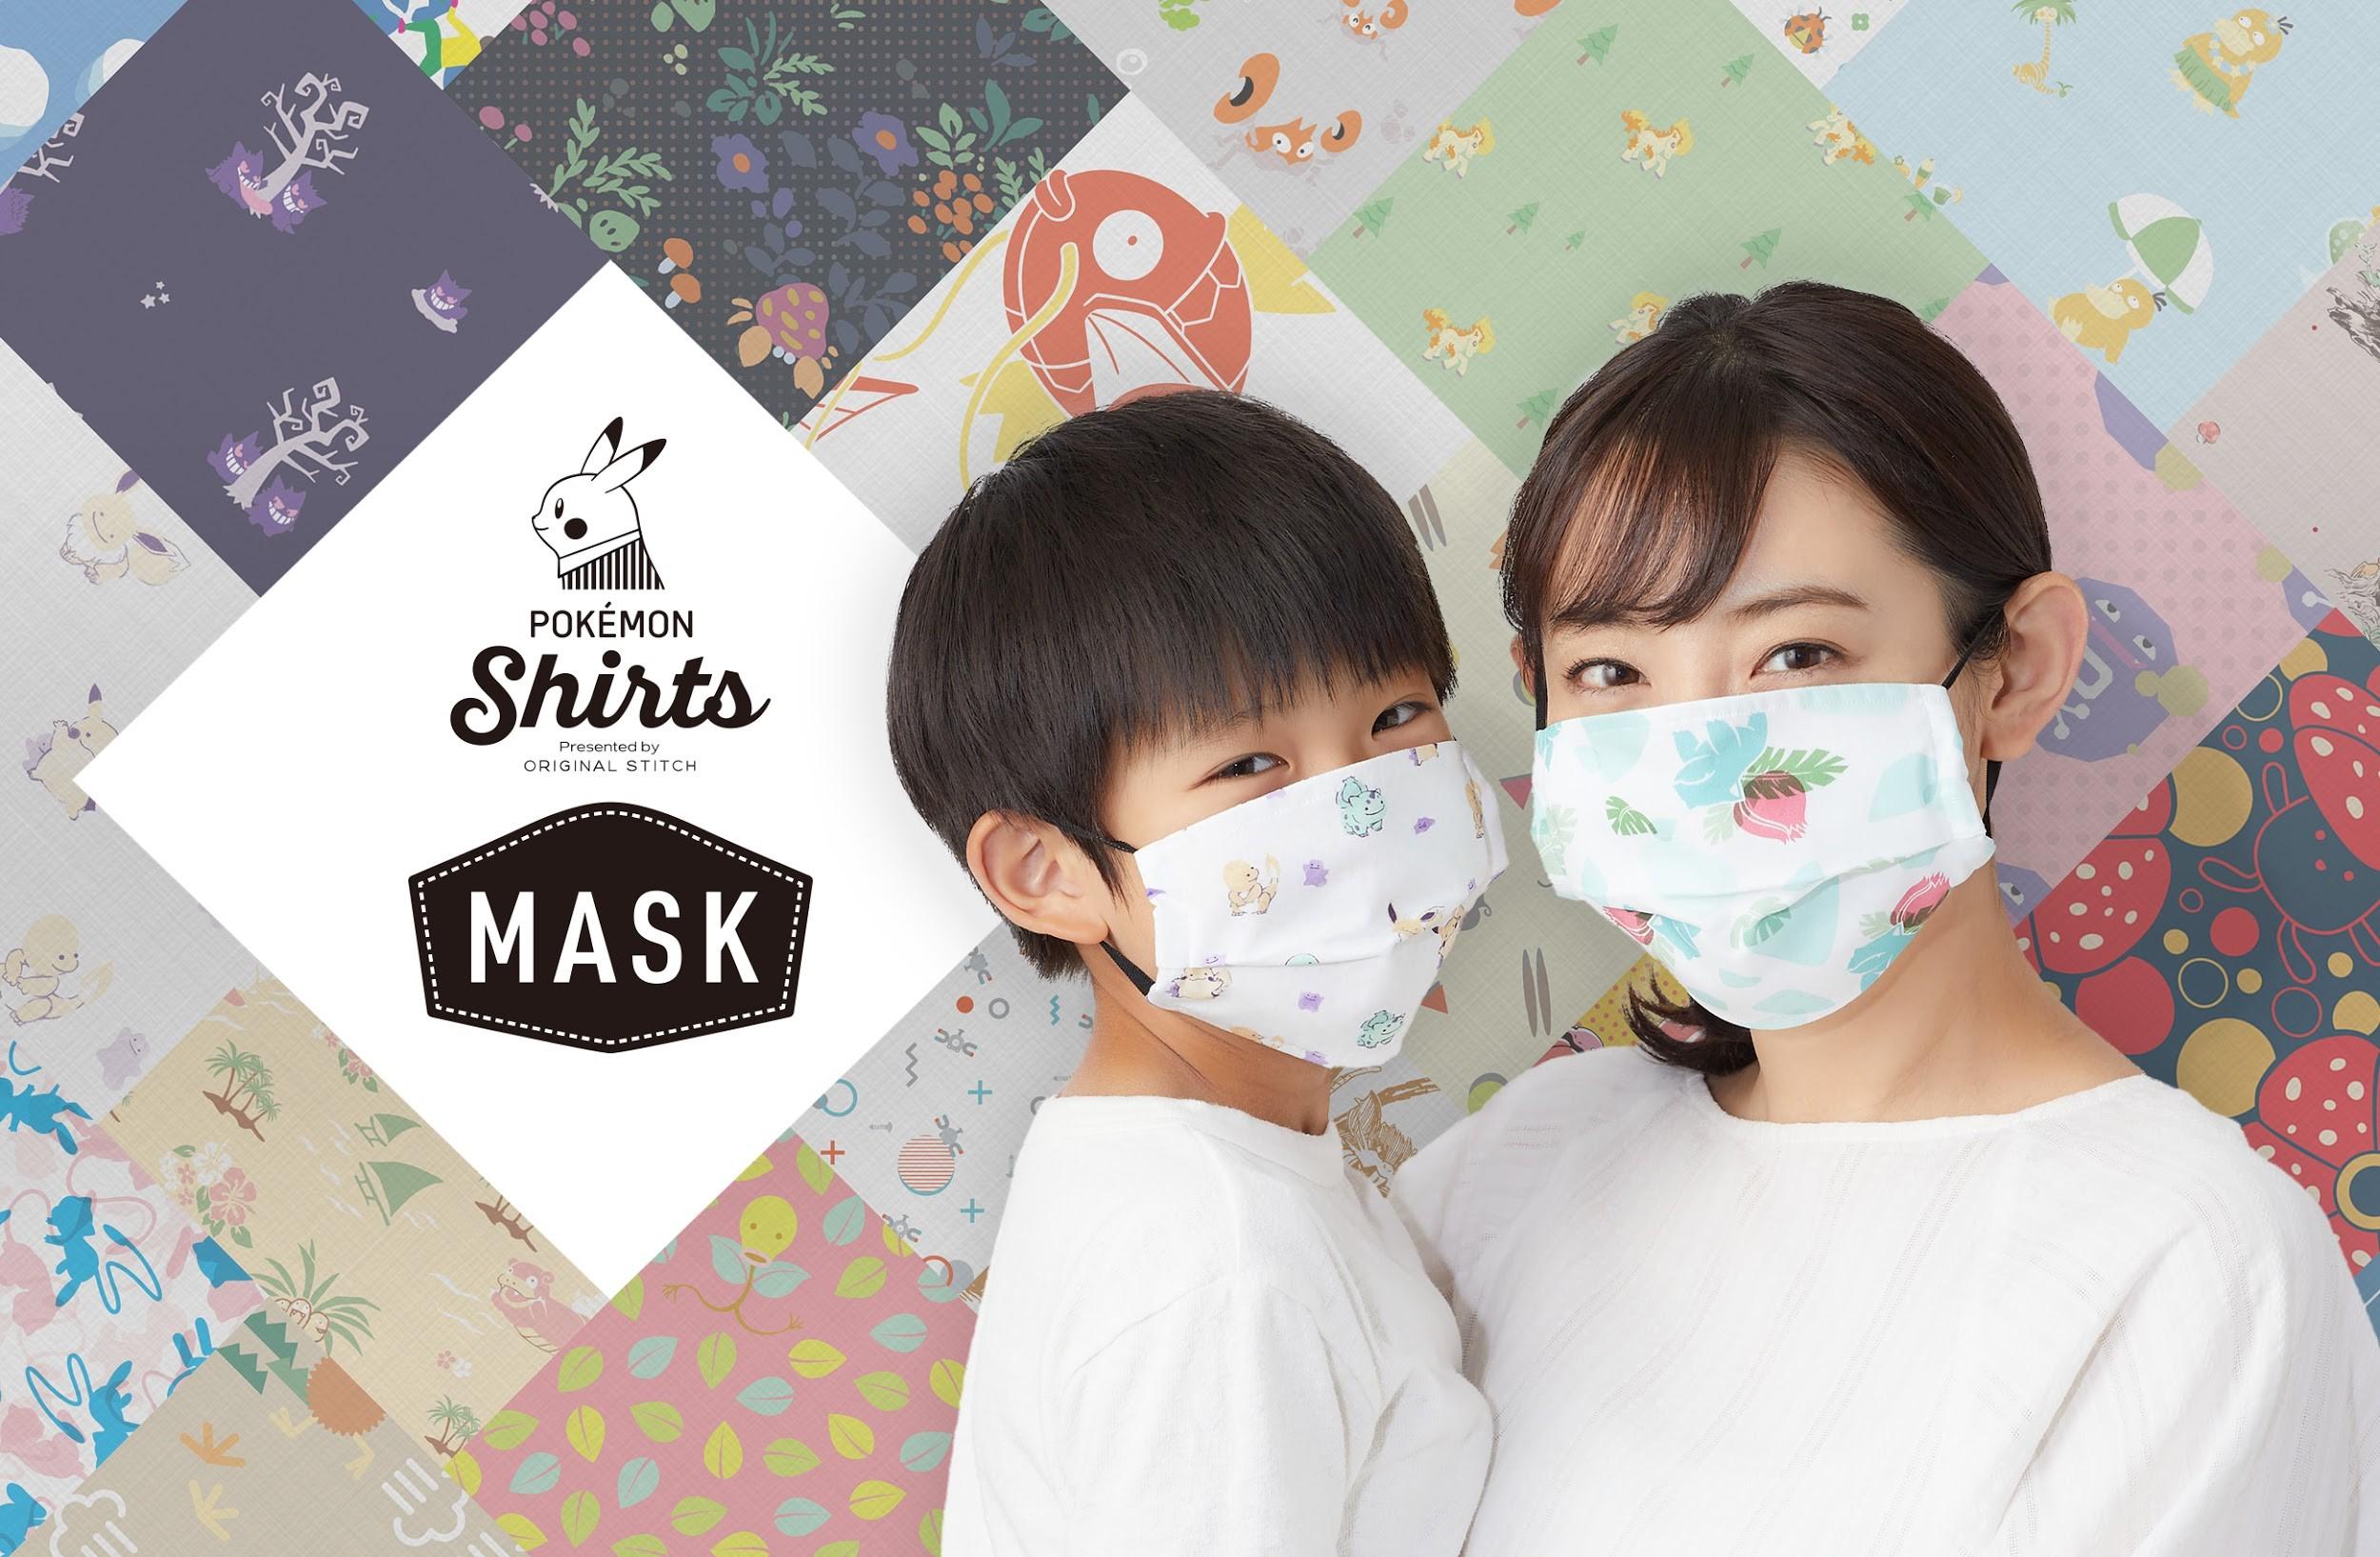 「ポケモン」初代151匹の柄からデザインを選べるマスクが販売開始!ポケモン愛あふれる自分だけのマスクをゲットしよう